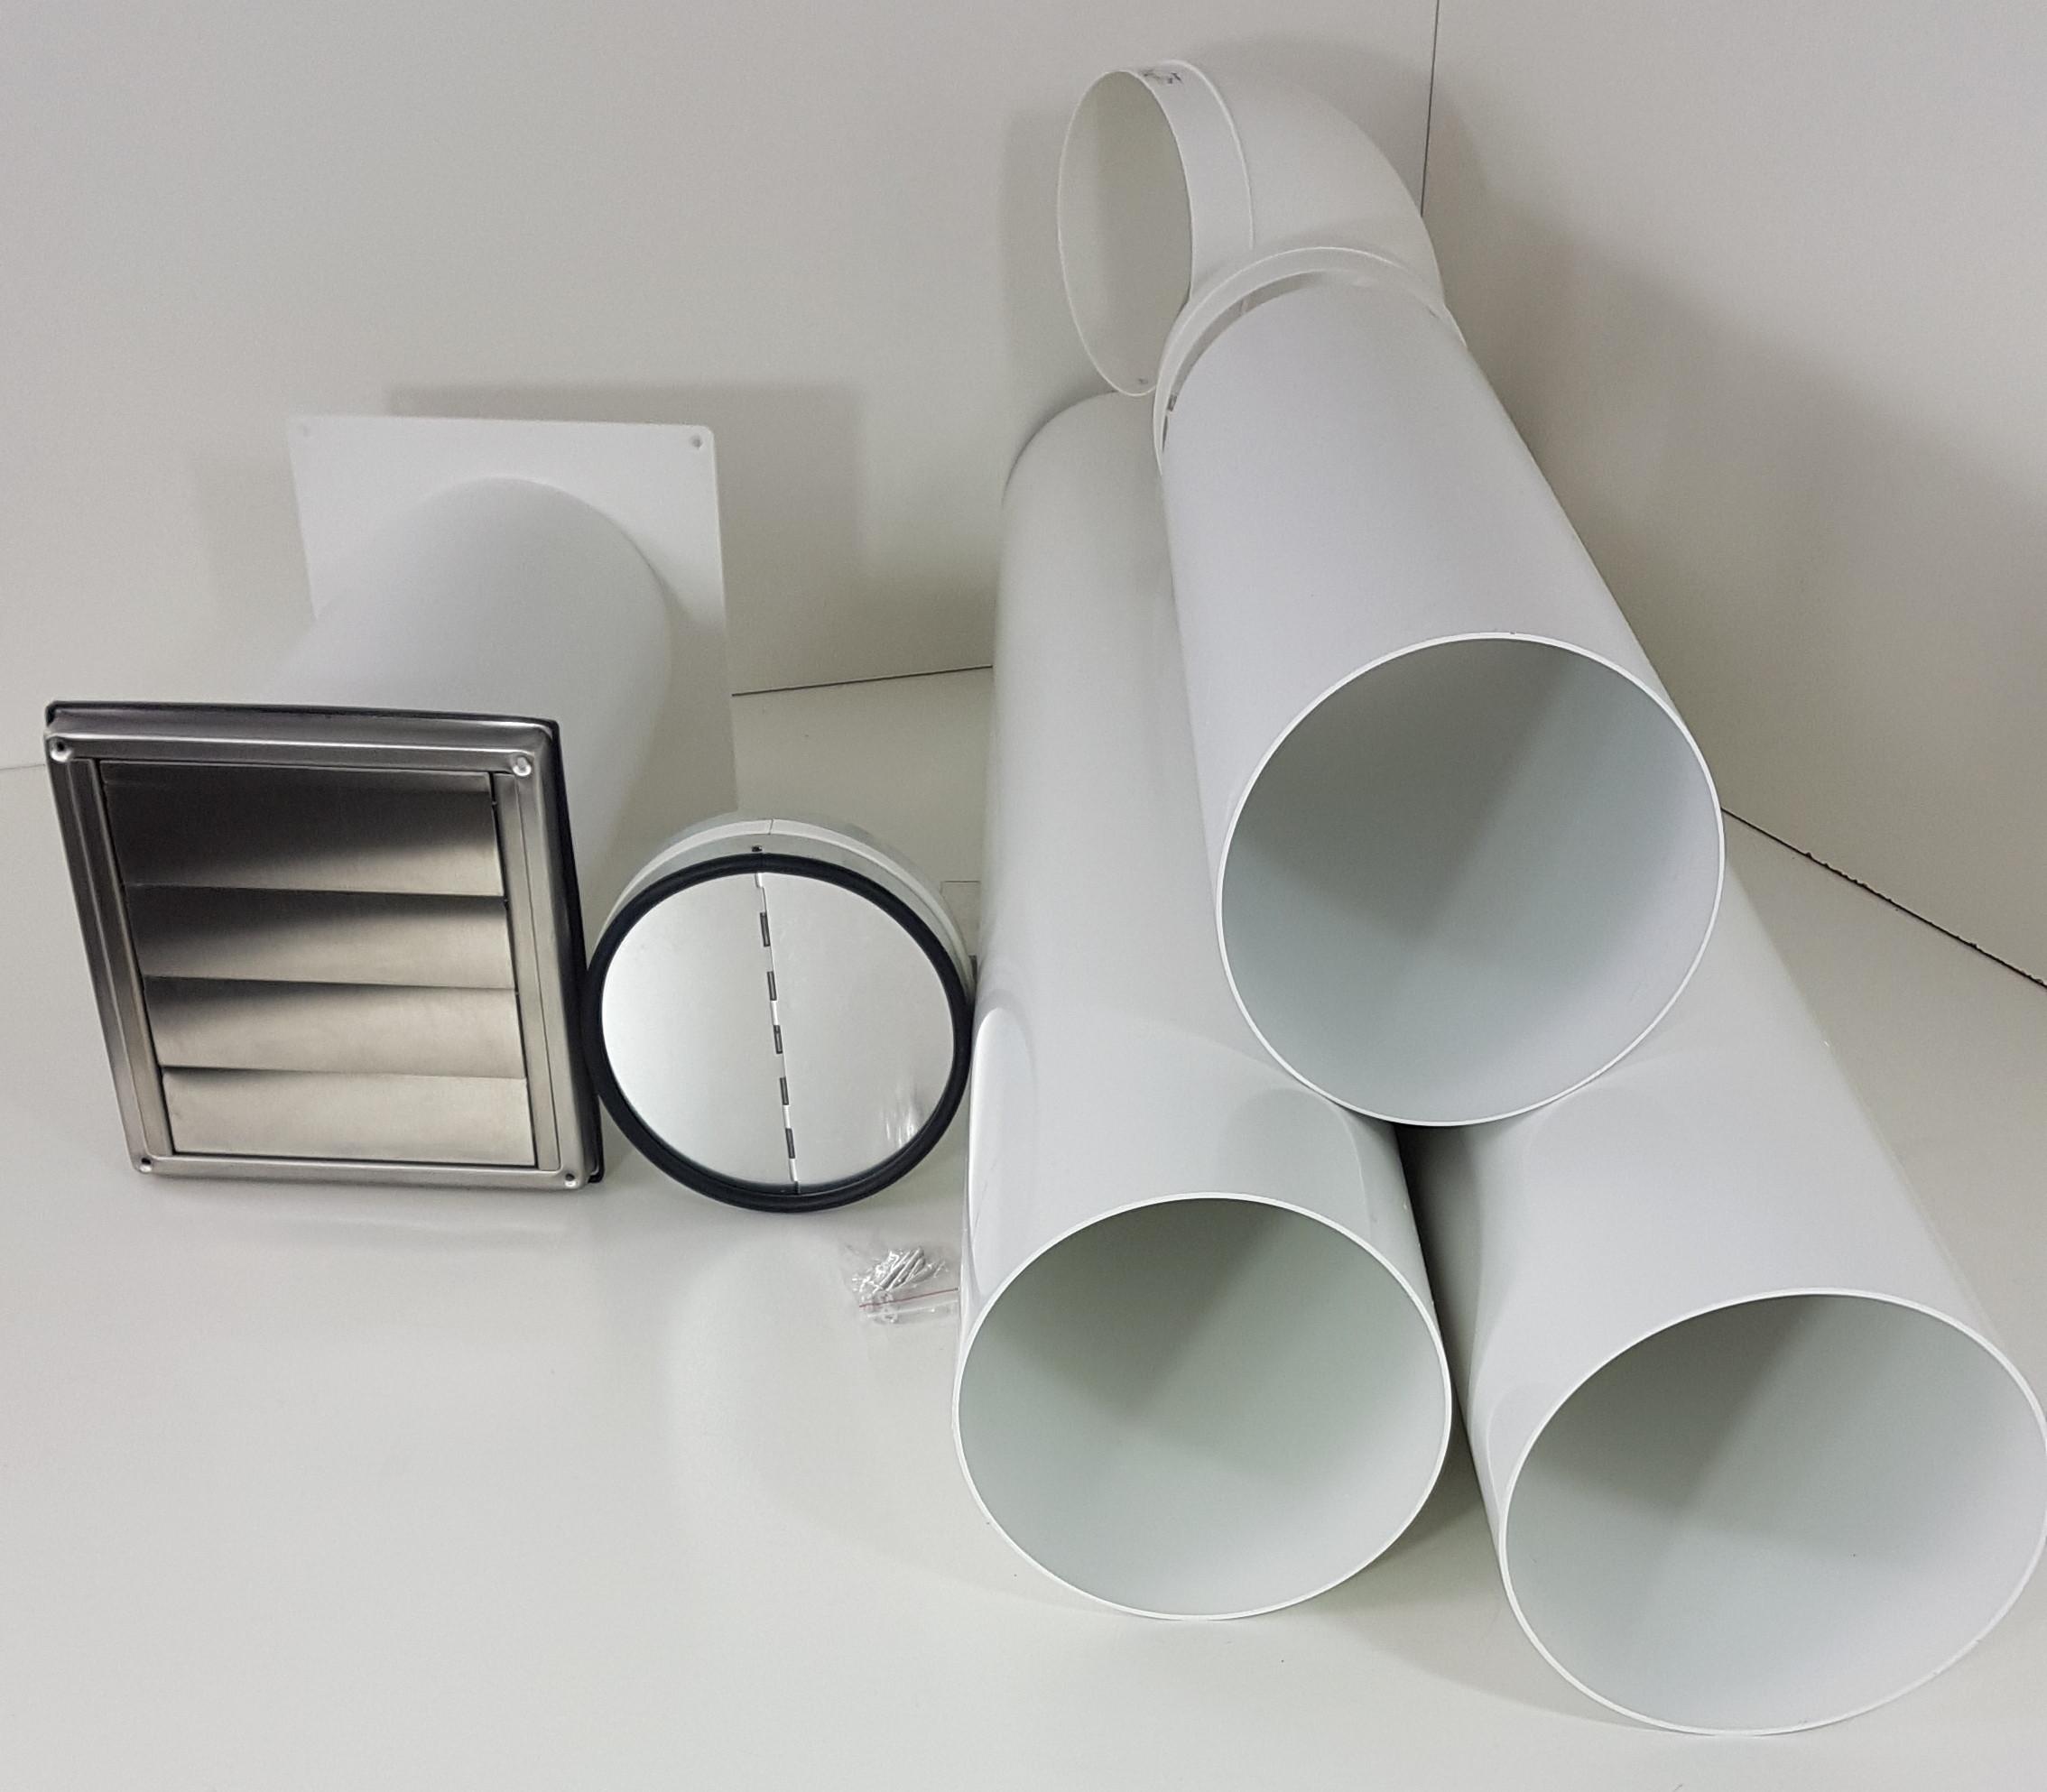 Mauerkasten Dunstabzug Rohr Set 150 Edelstahl Teleskoprohr Insektenschutzgitter